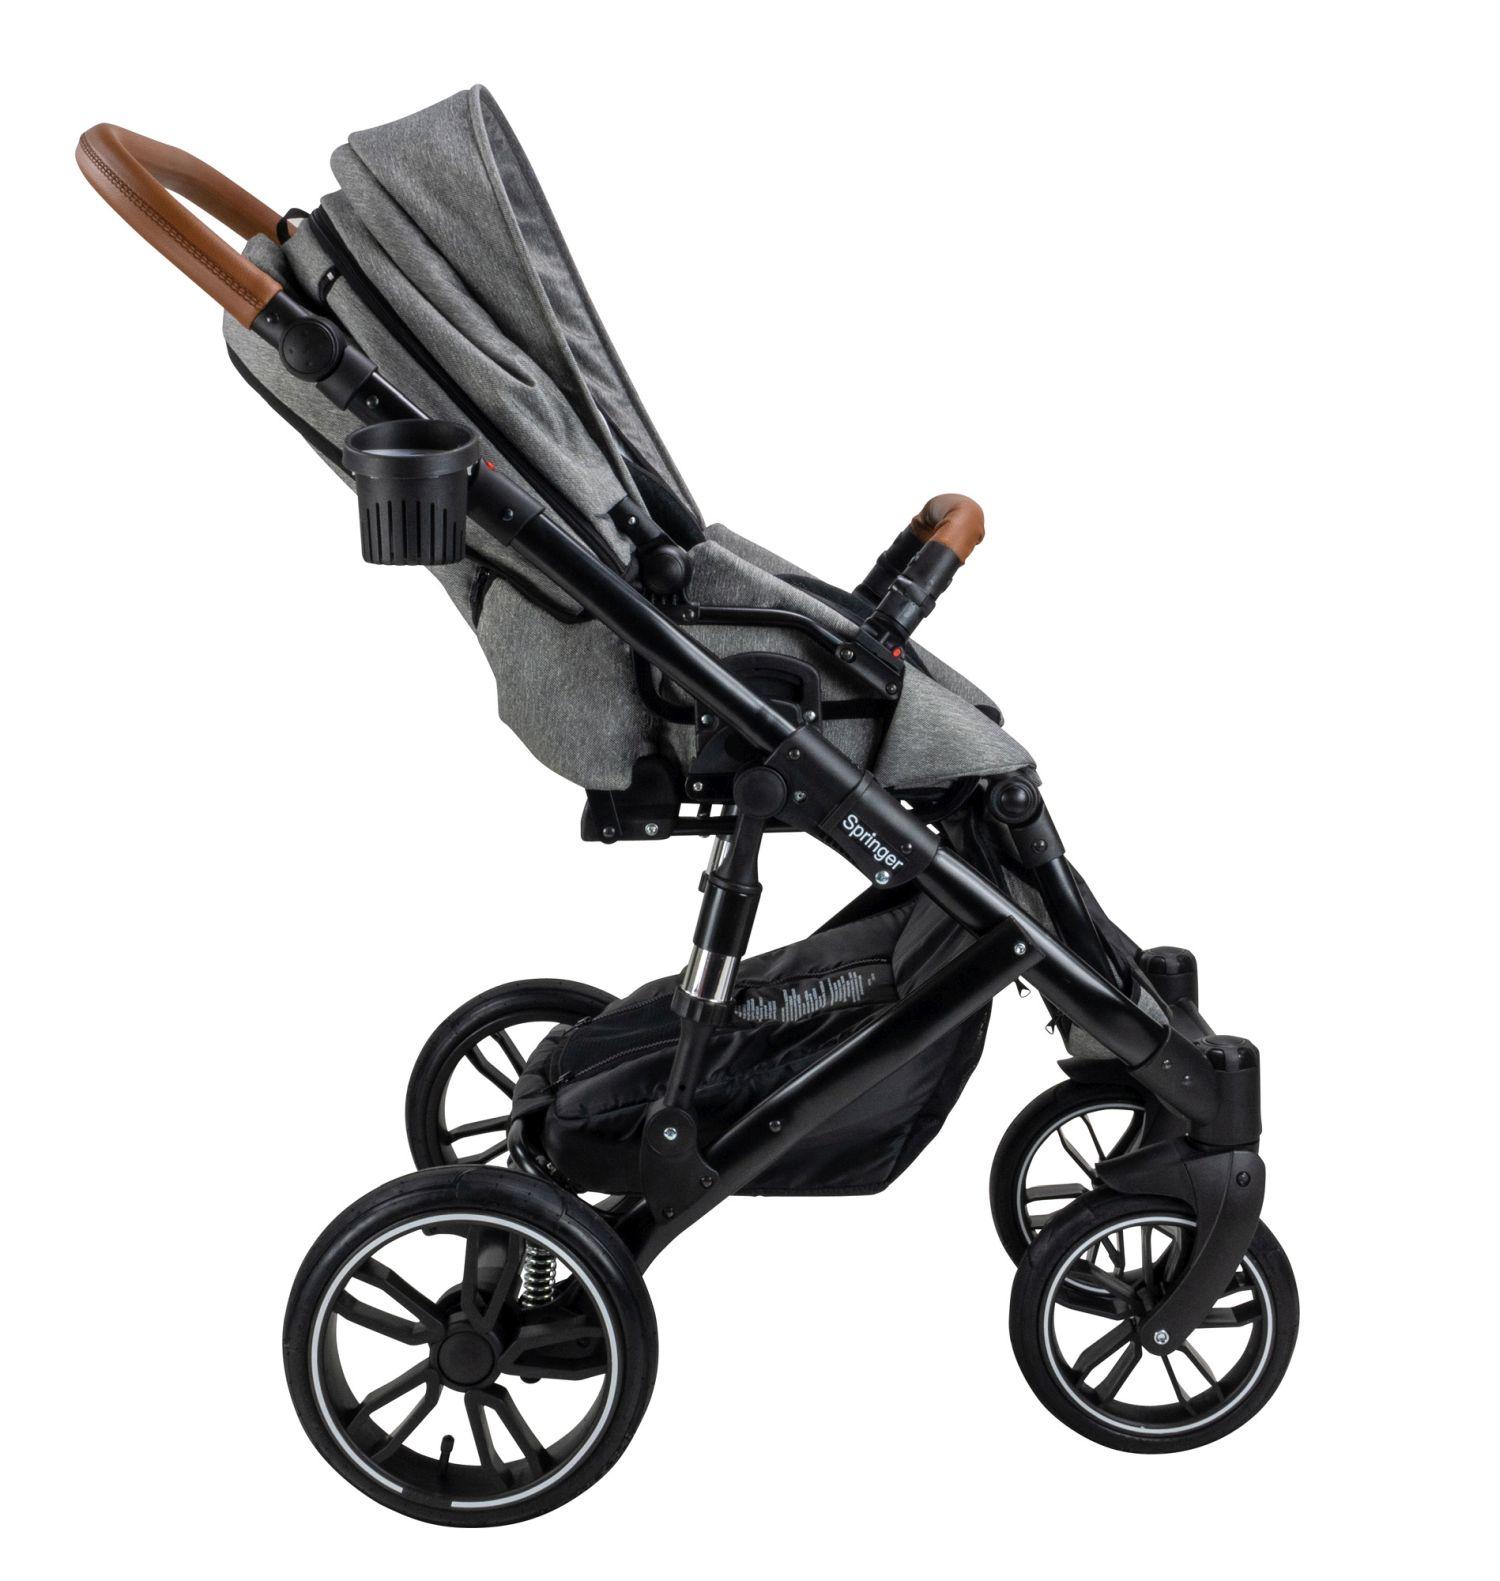 Sonnenschutz Buggy Springer Kinderwagen